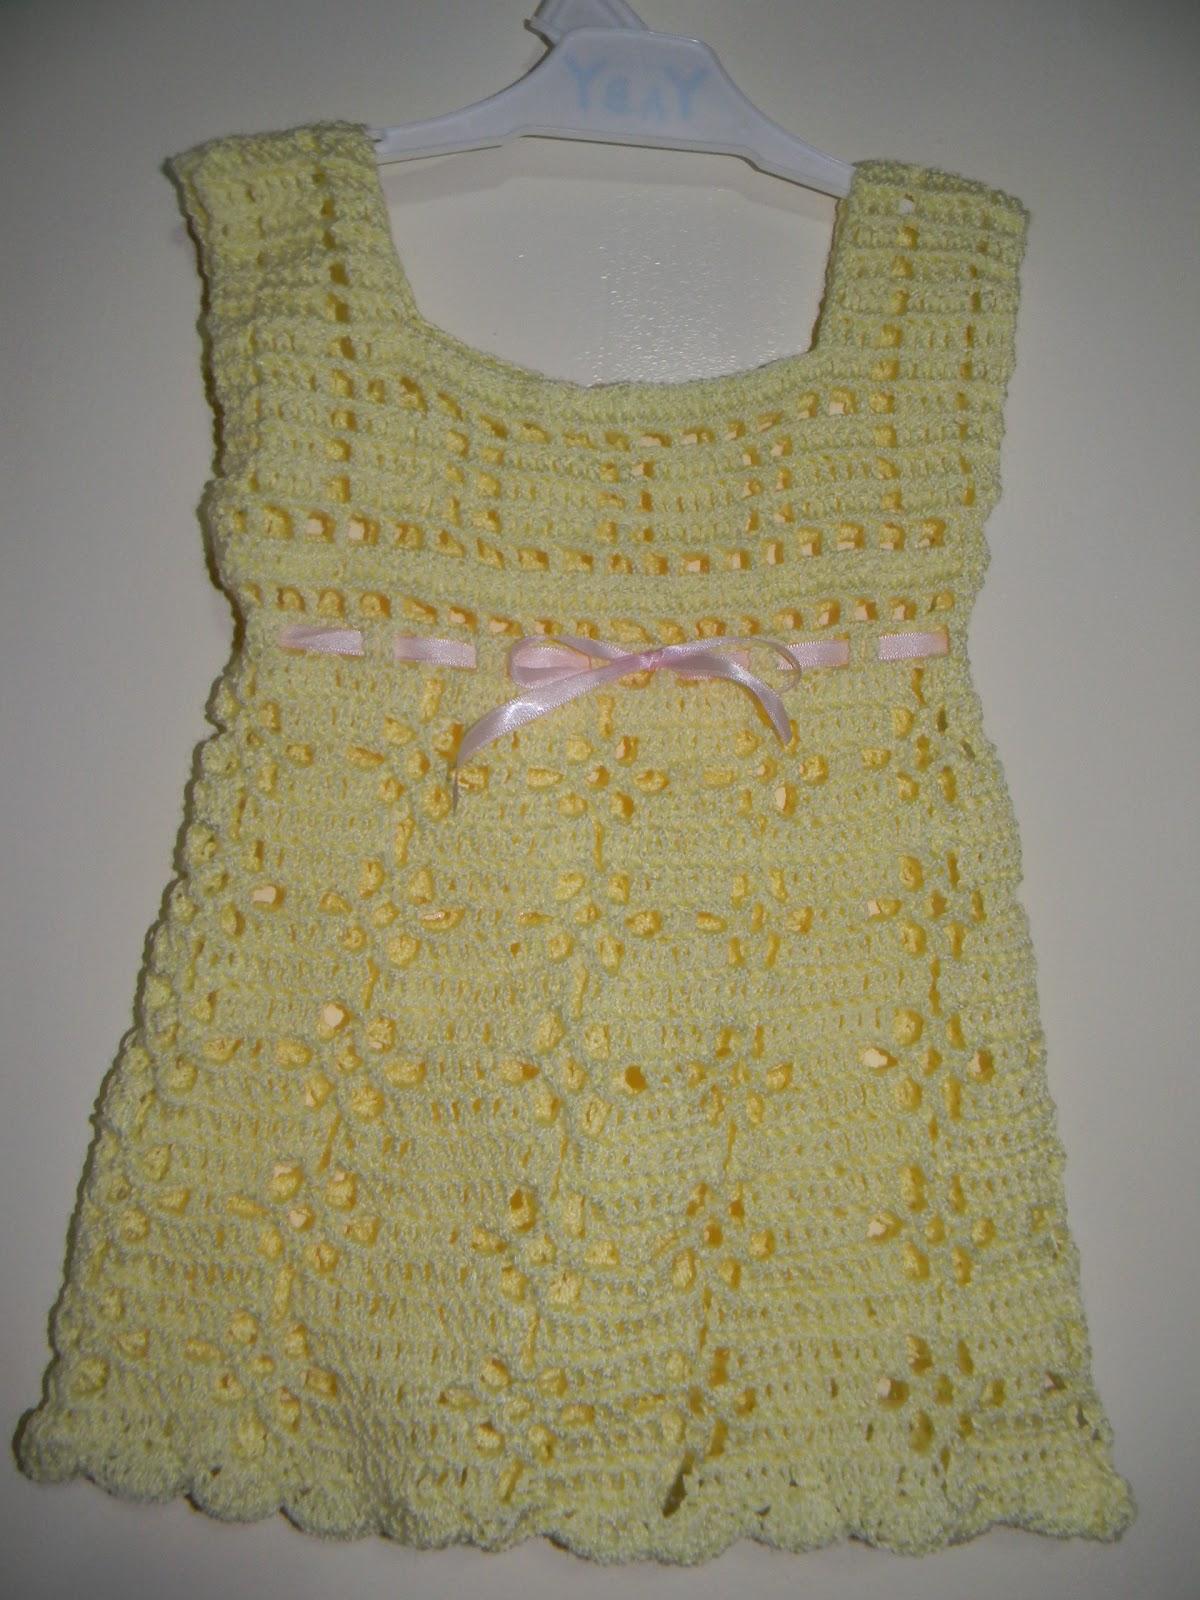 Tejidos Artesanales: Vestidos Para Bebes